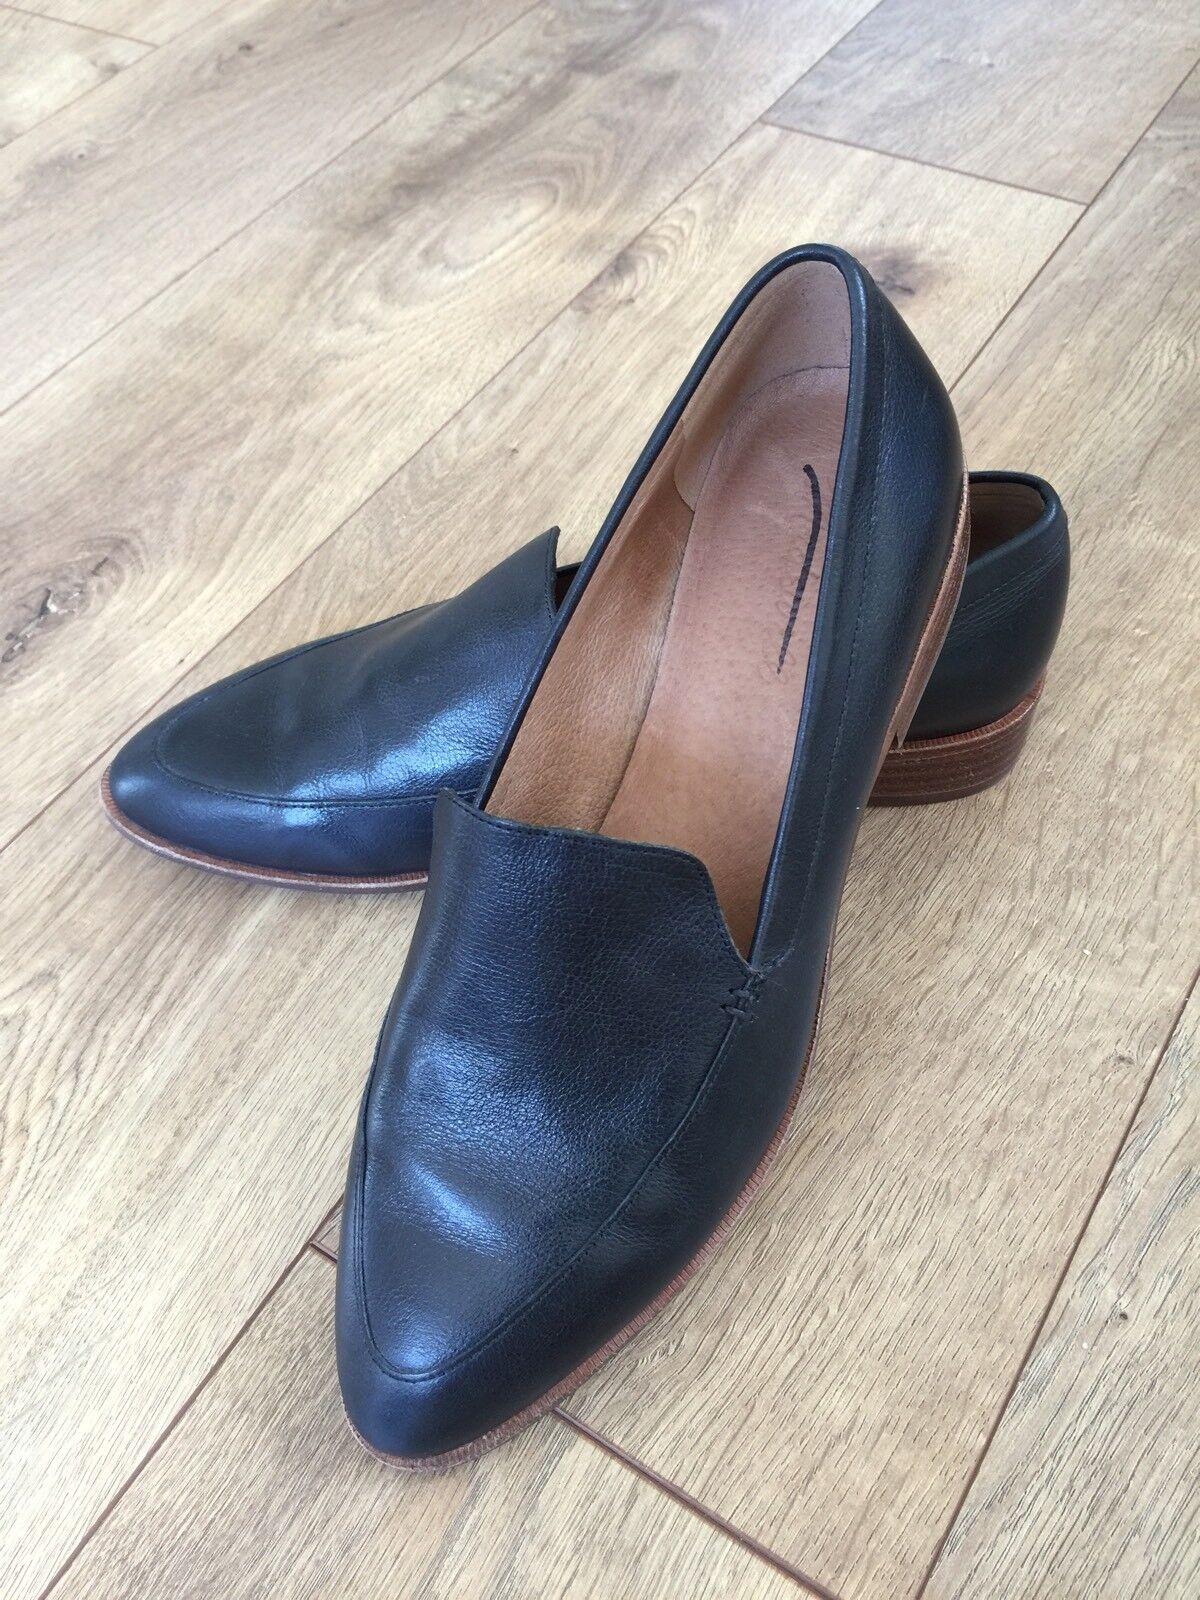 Nouveau Madewell Femme le Frances Mocassin Chaussures H2419 Noir Taille 9